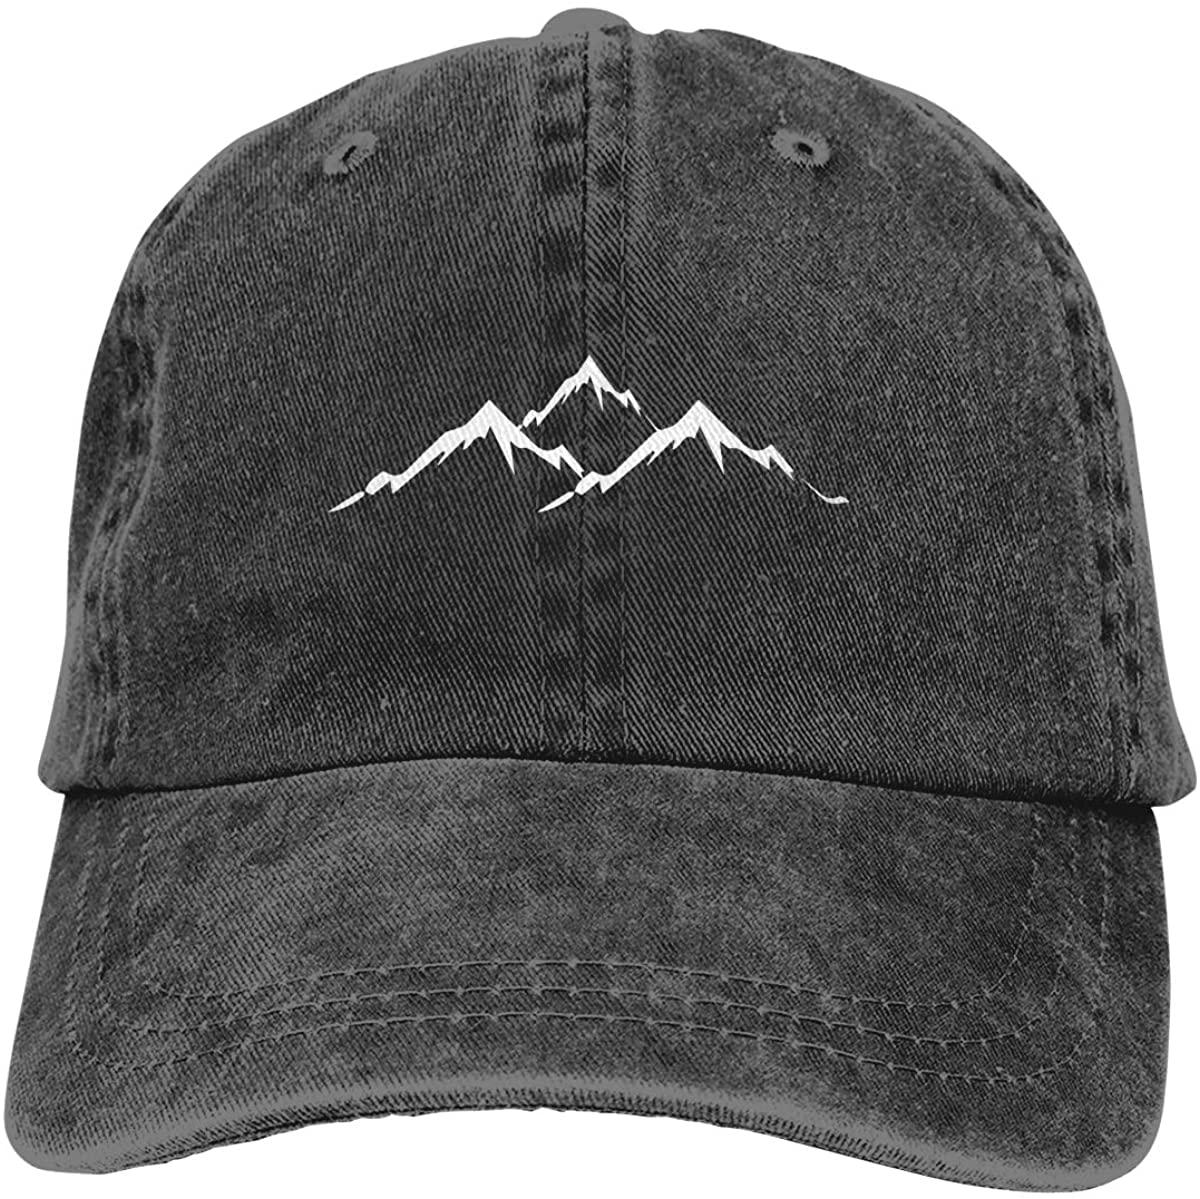 Waldeal Men's Dog Dad Embroidered Washed Adjustable Baseball Cap Dog Lover Hat